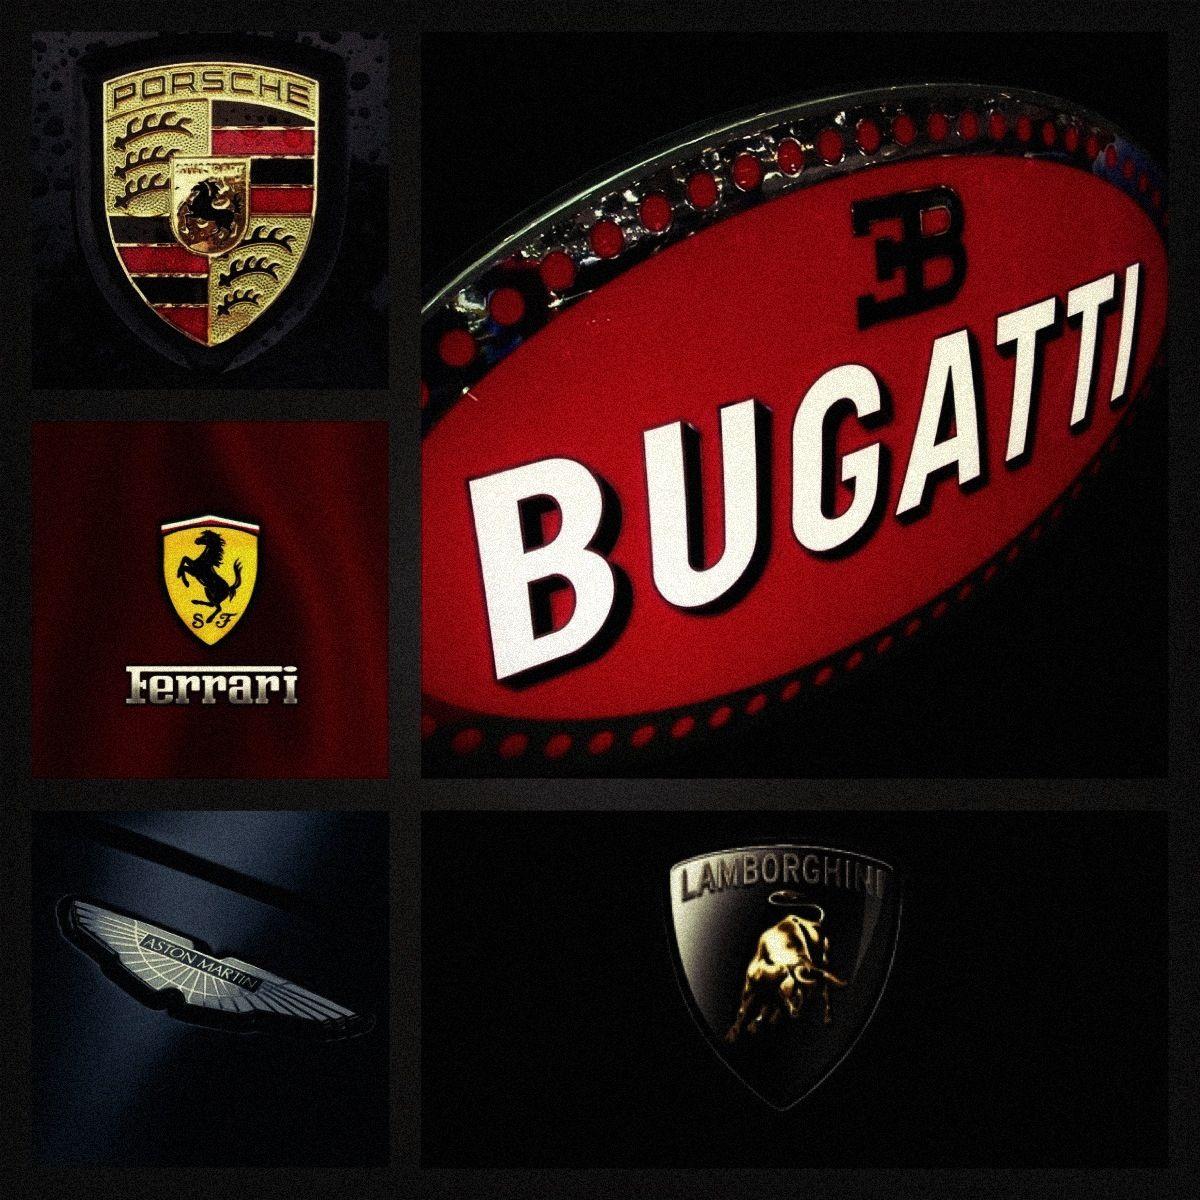 Bugatti Lamborghini Porsche Ferrari Aston Martin Logos